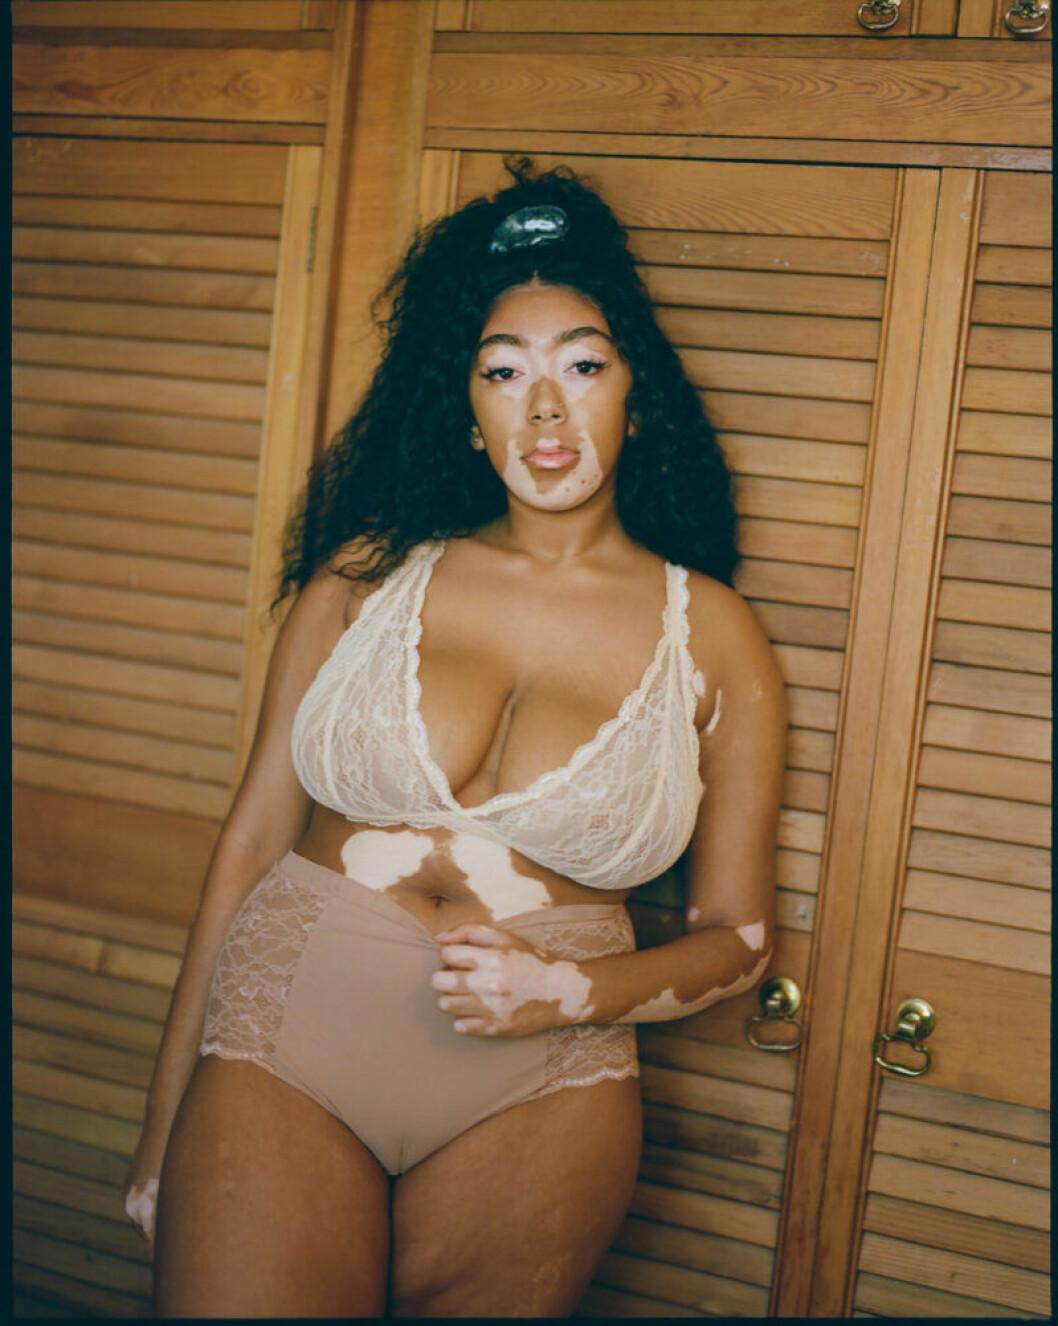 Kurvig kvinna med pigmentförändringar i huden bär Monkis nya underkläder.